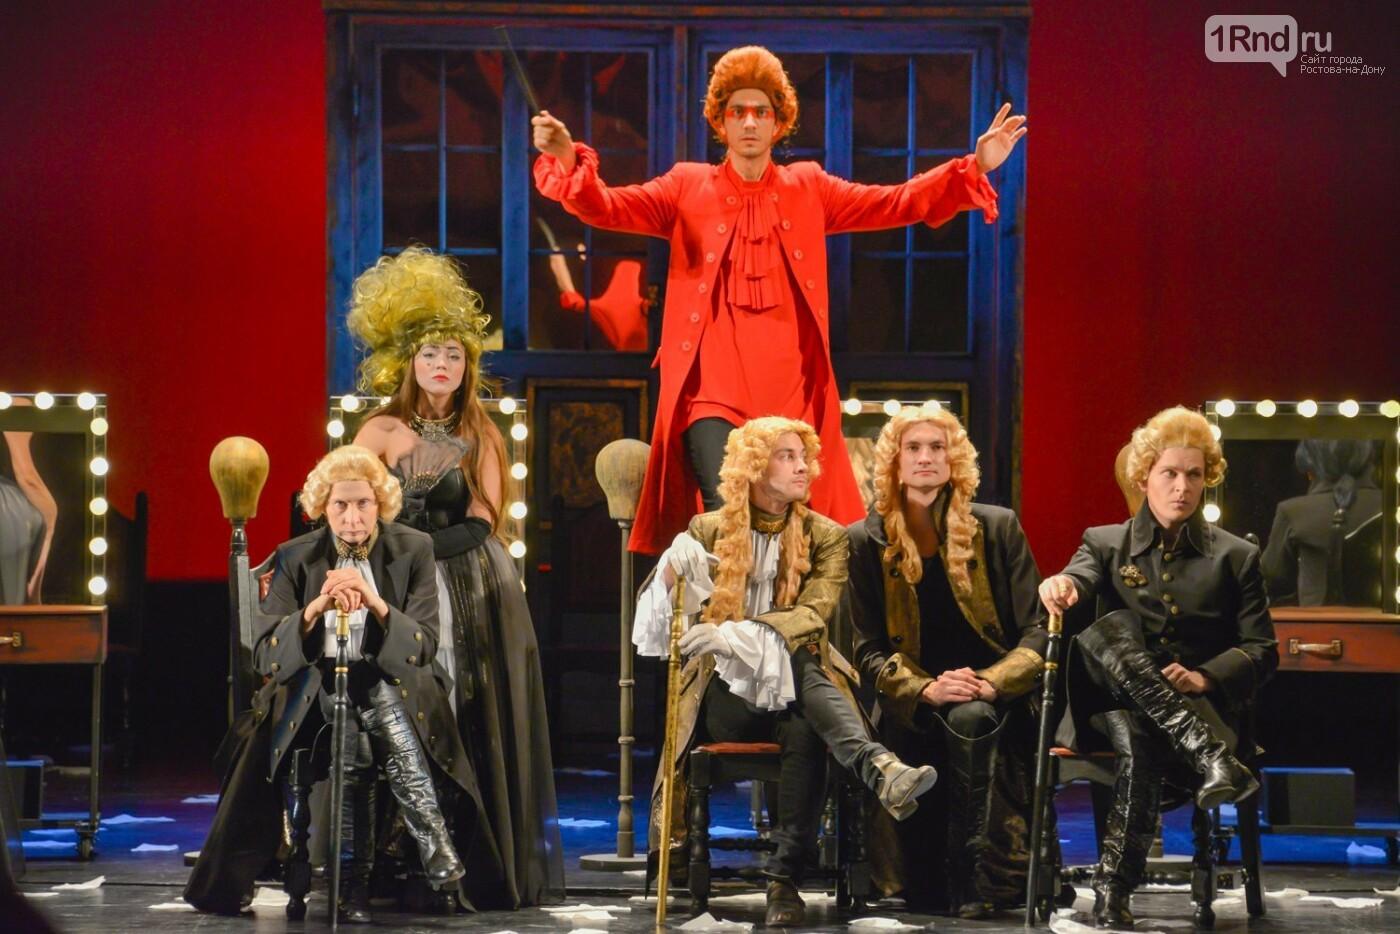 Ростовский академический Молодежный театр открыл театральной сезон , фото-1